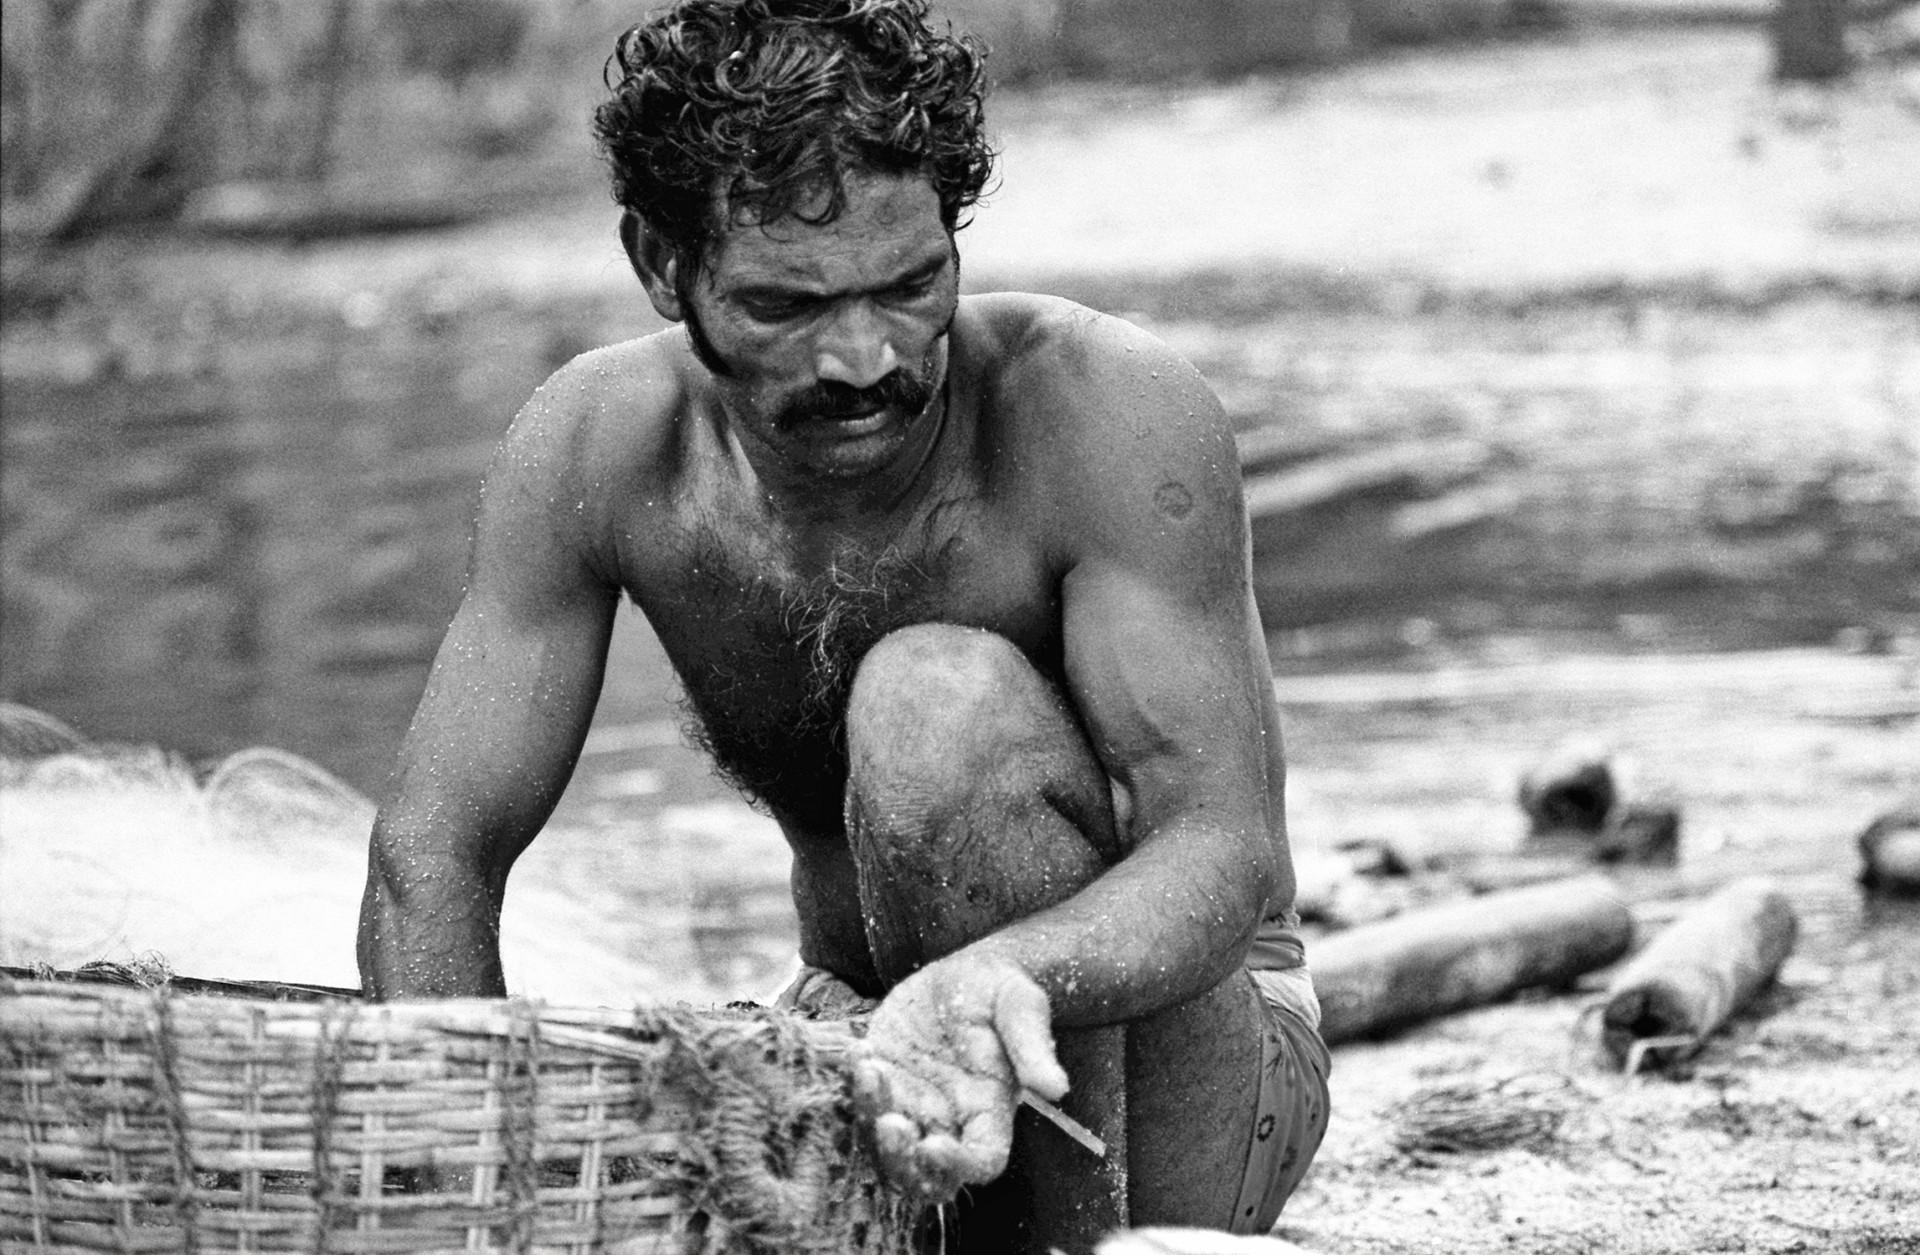 Kerela Fisherman 2